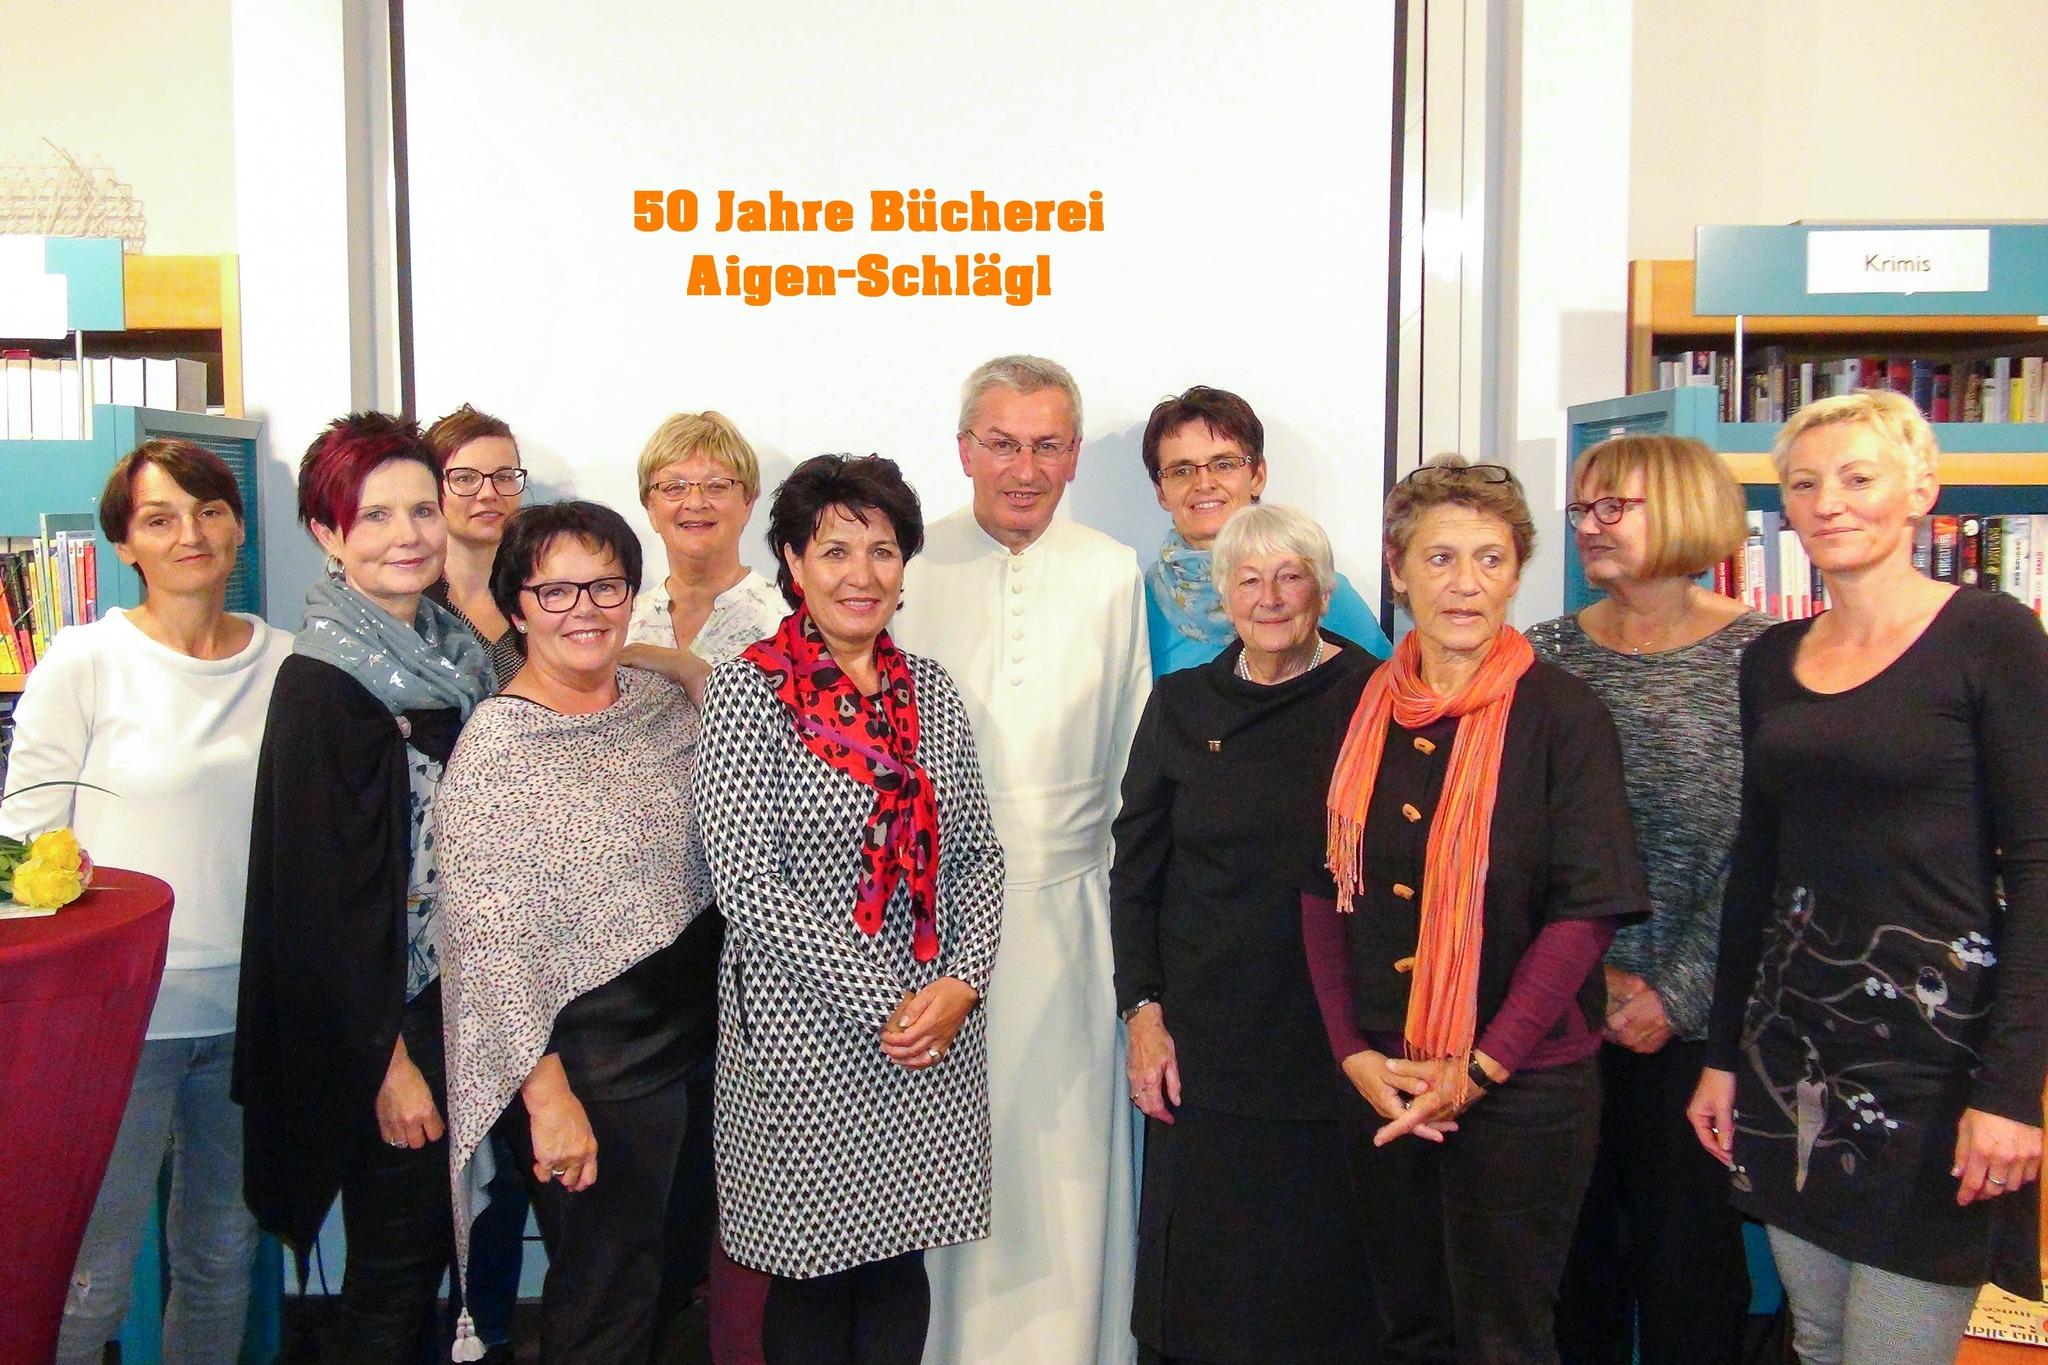 Gartlerinnen und Gartler Treffen - Aigen-Schlgl